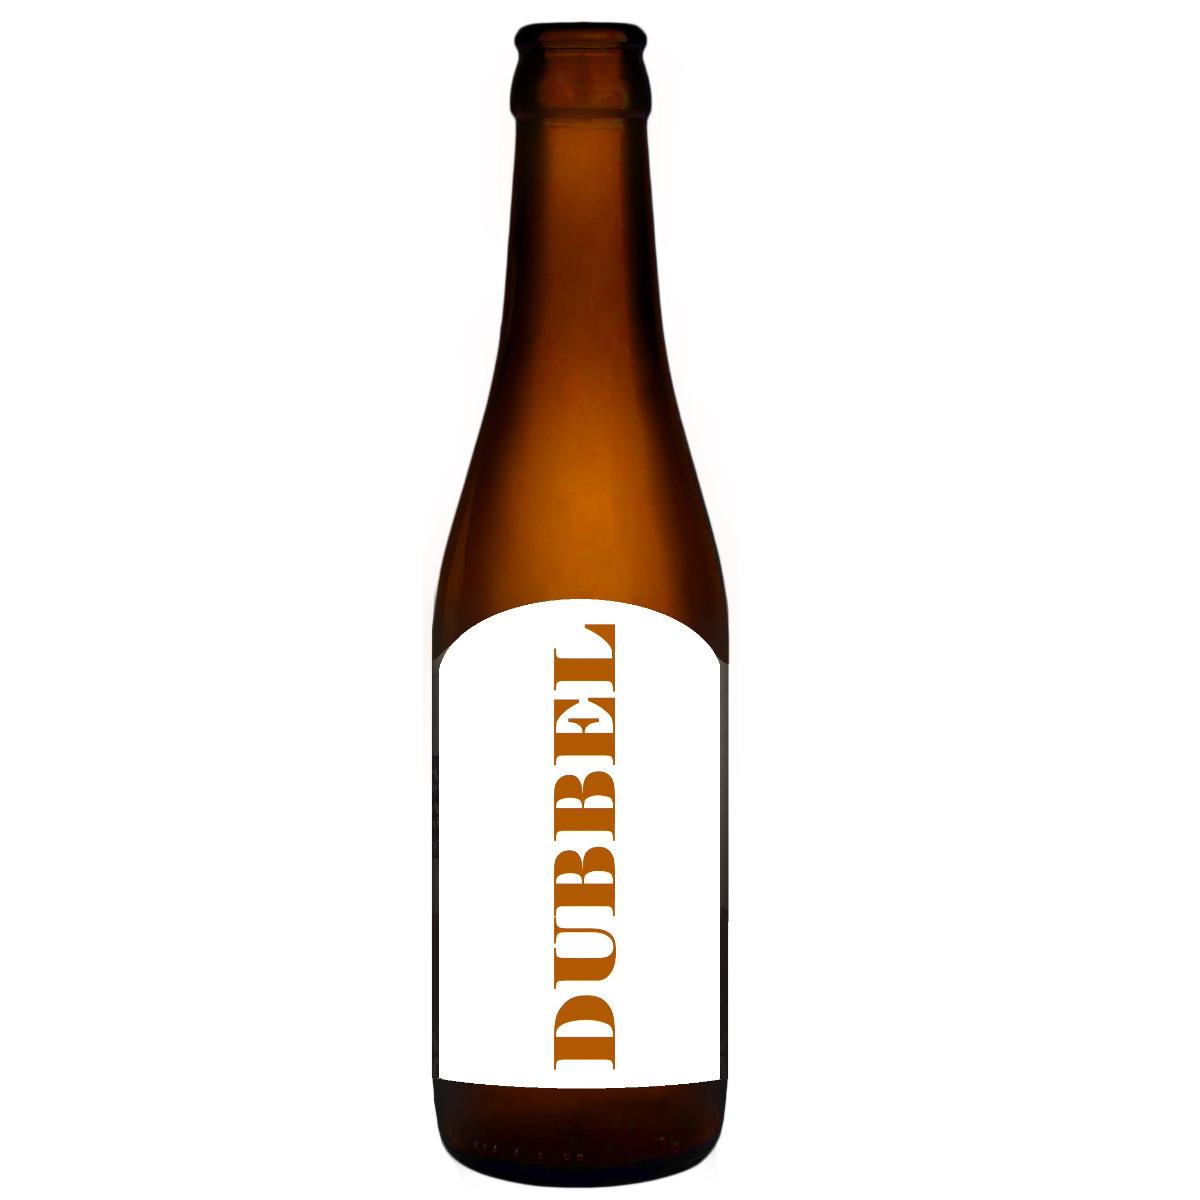 dubbel bier